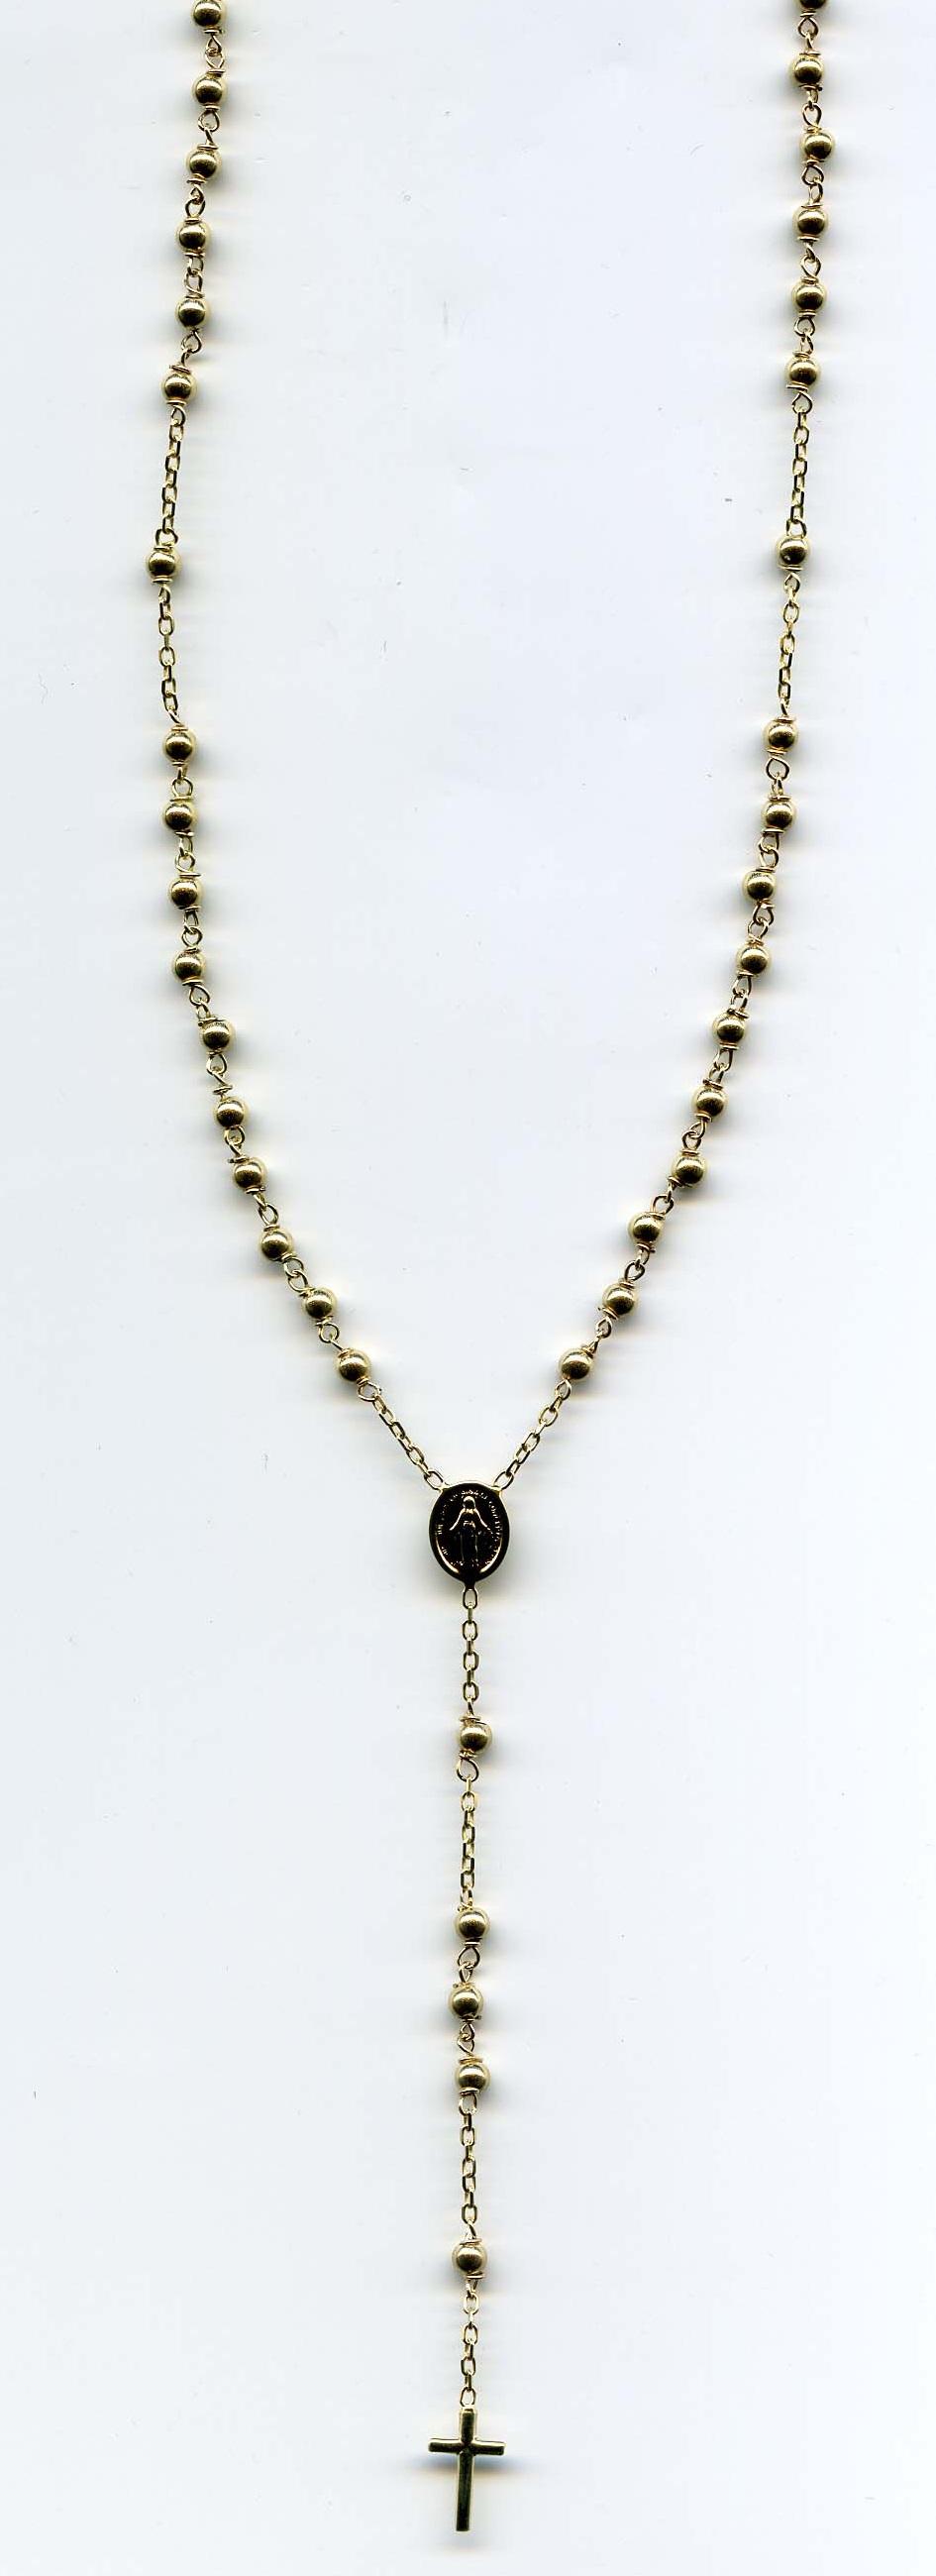 Zlatý velký růženec 247/ROS/01 585/5,1g/50cm - růženec s madonkou a křížkem